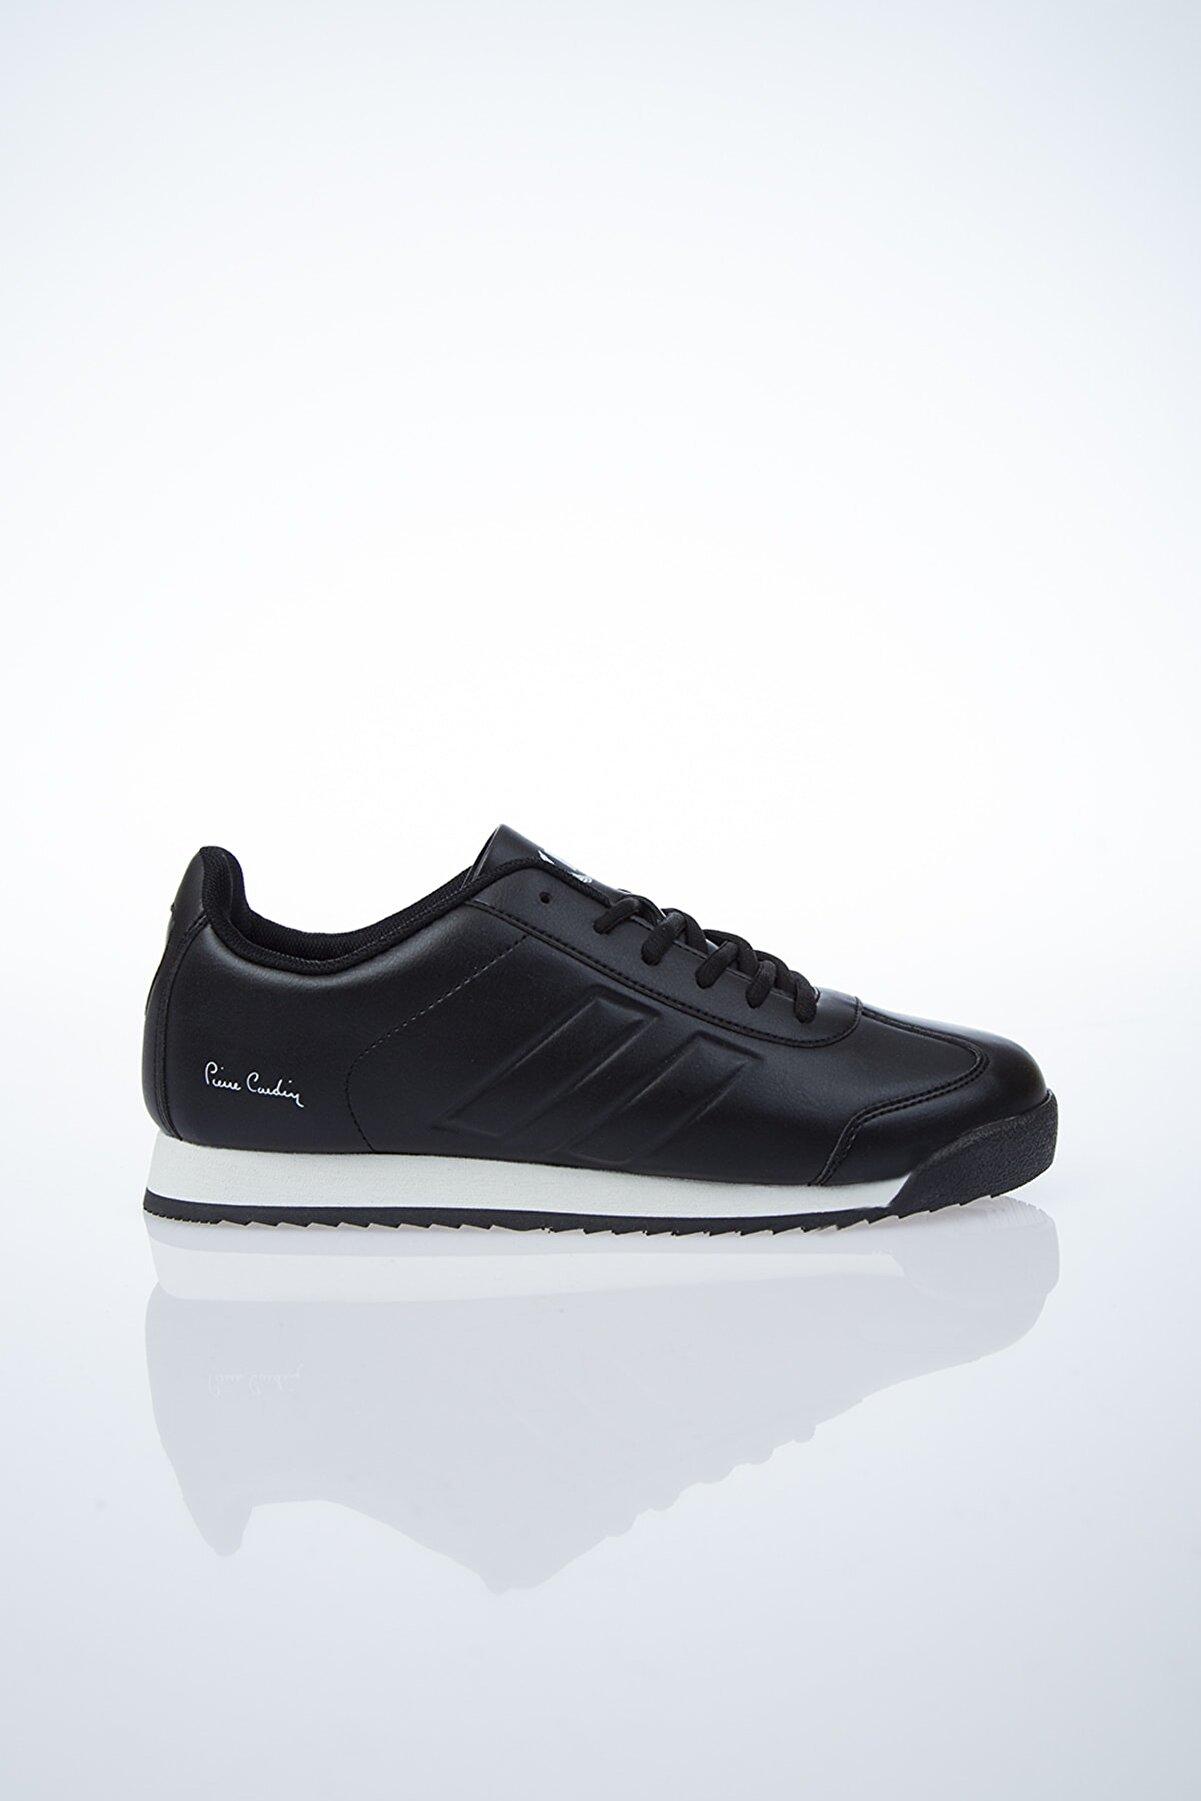 Pierre Cardin PC-30484 Siyah-Beyaz Erkek Spor Ayakkabı